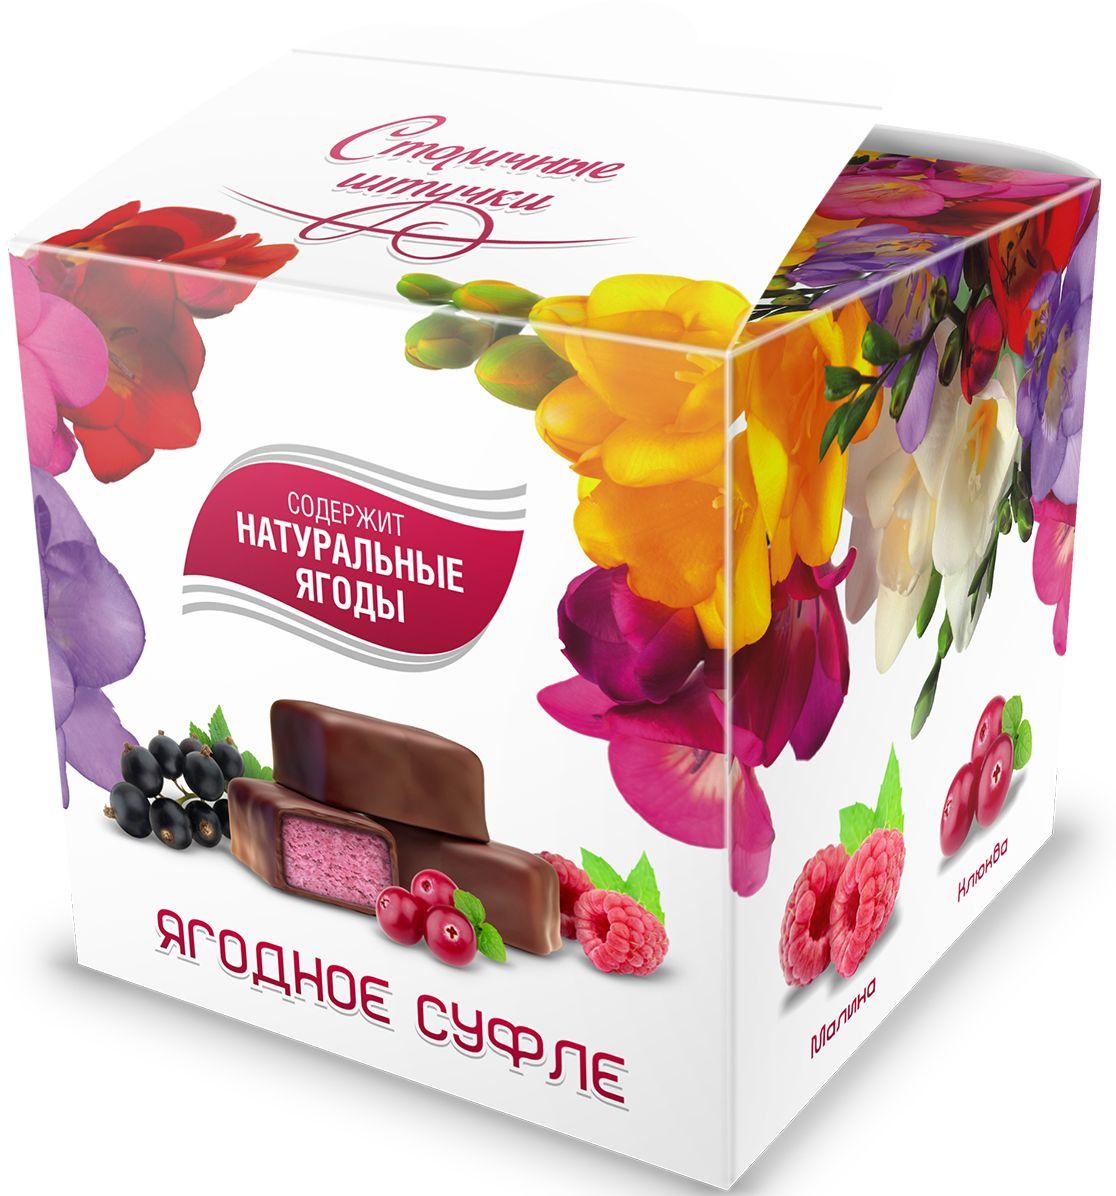 Столичные штучки Конфеты глазированные Ягодное суфле, 100 г1686Суфле с натуральными ягодами малины, клюквы и черной смородины в молочной шоколадной глазури.